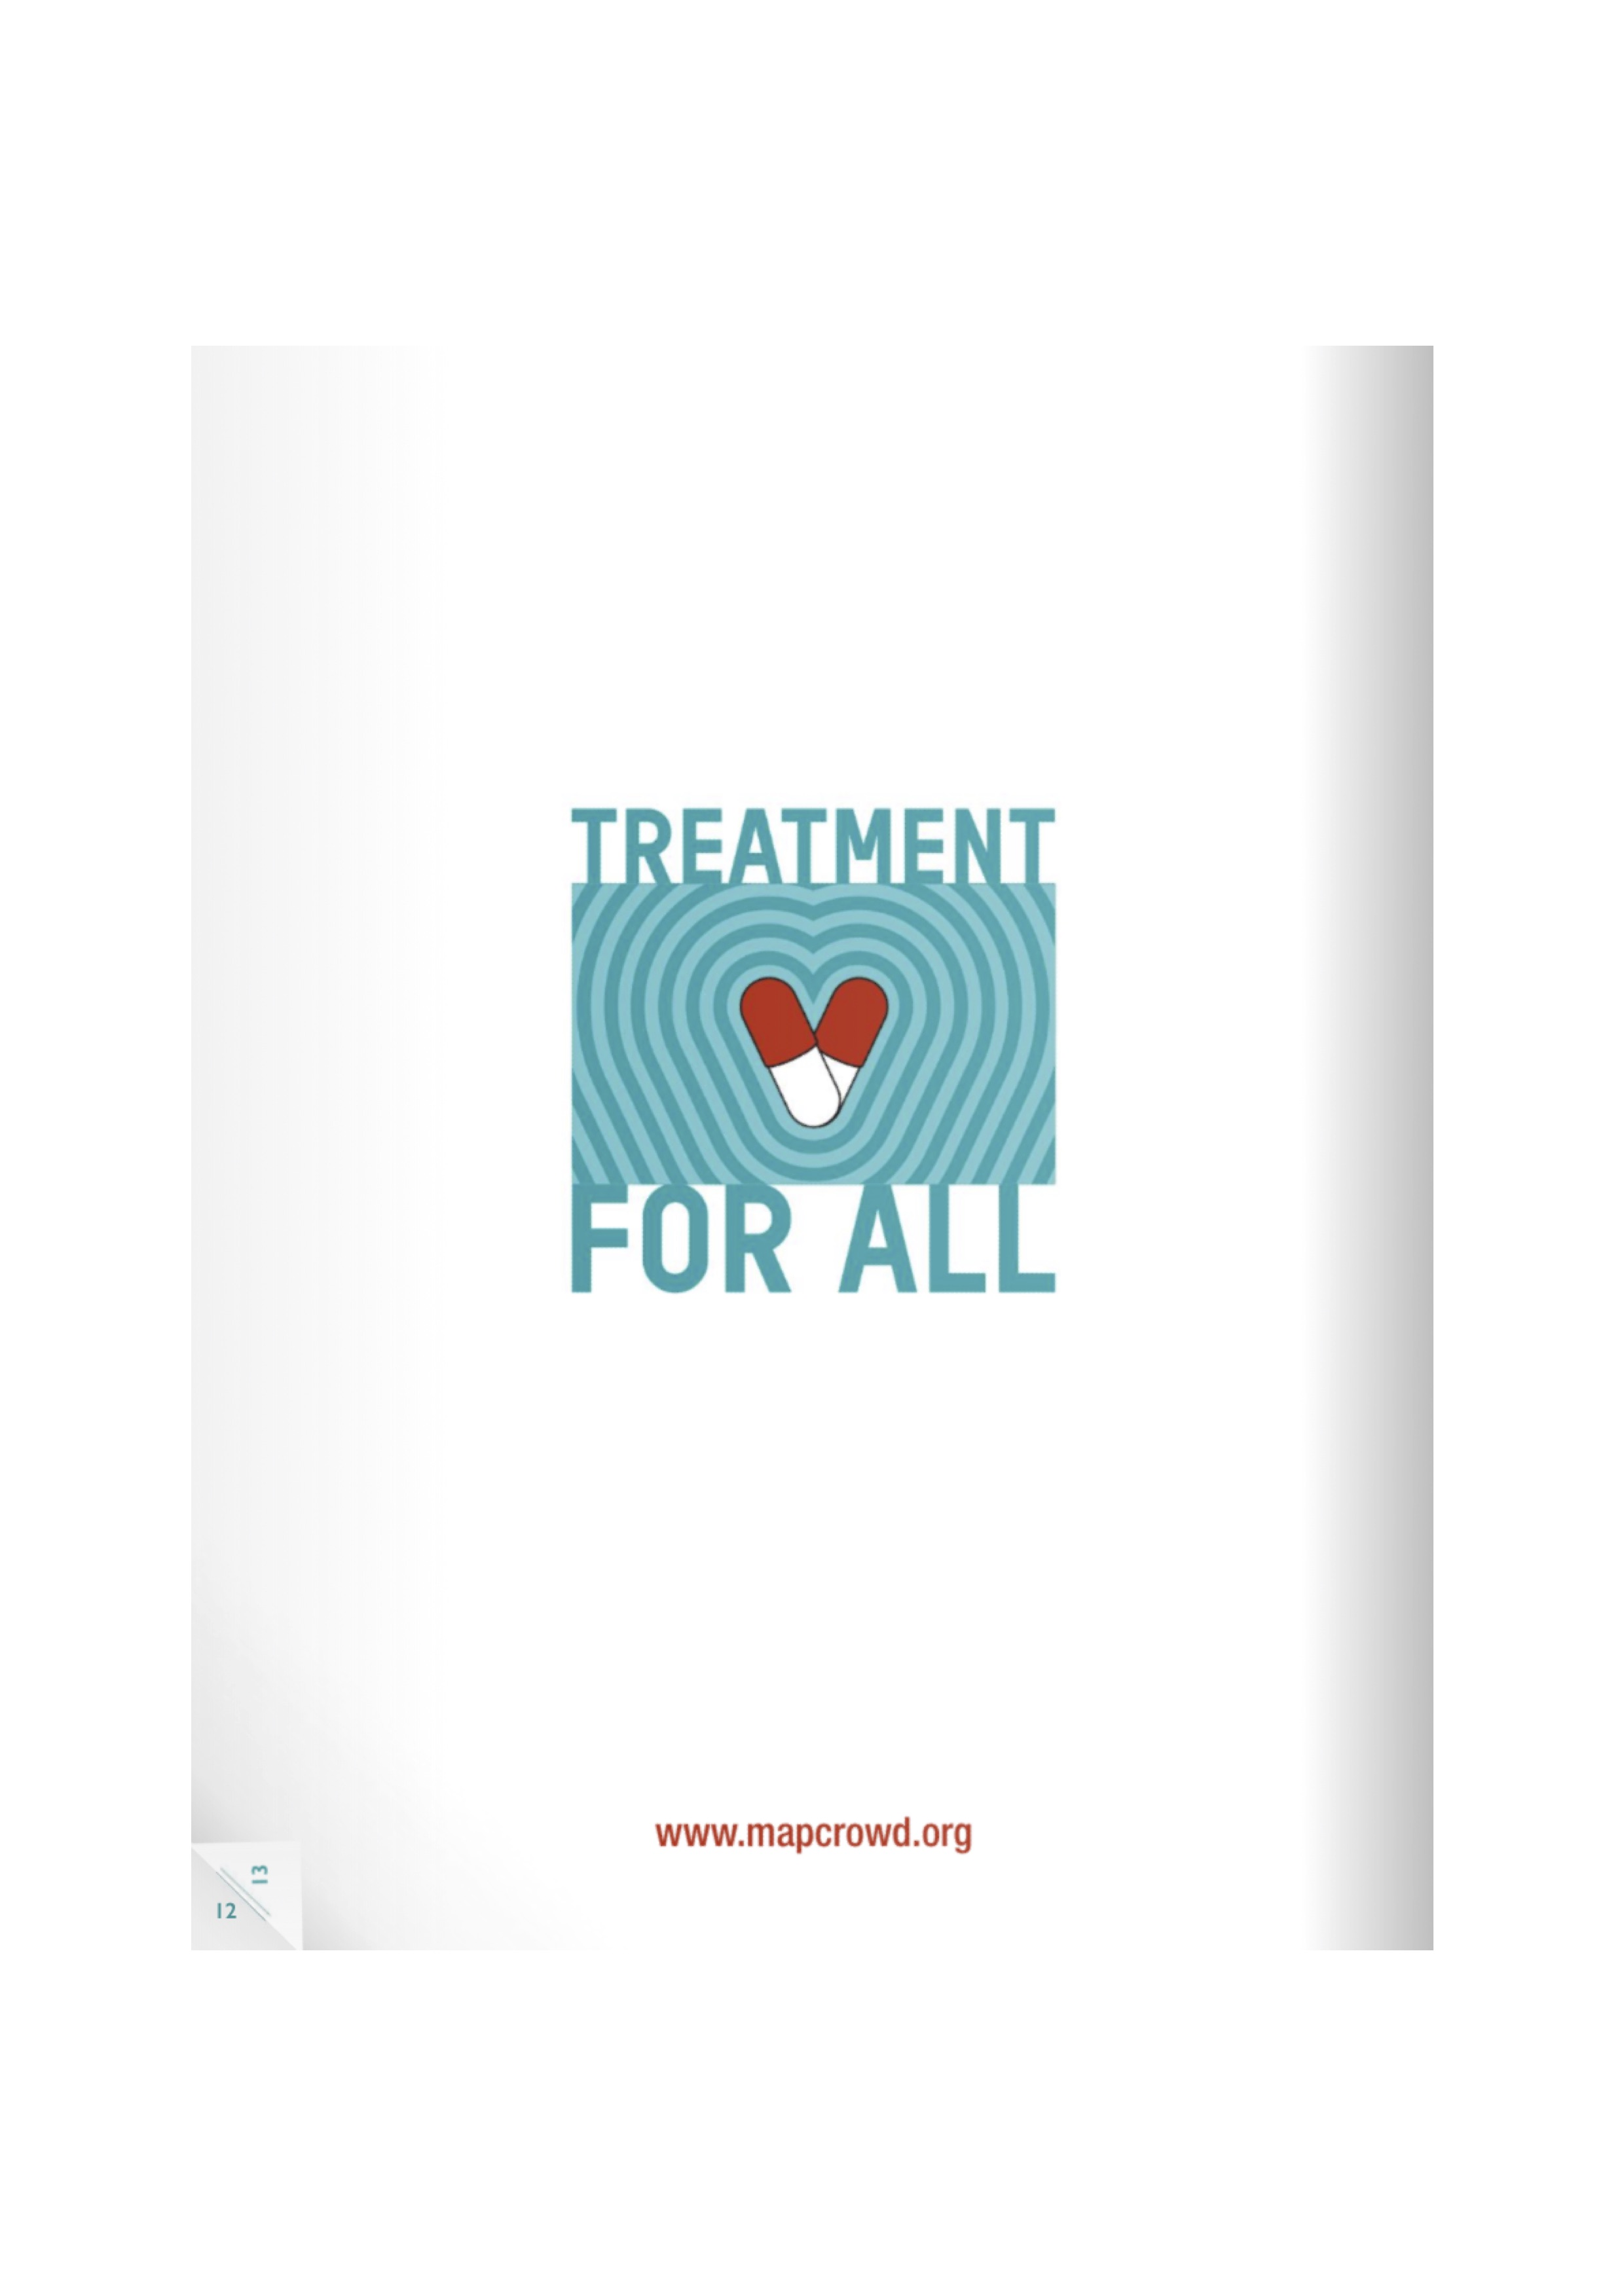 Acceso al tratamiento de hepatitis C y cuidados de personas que se inyectan drogas: desatendiendo a las personas más desproporcionadamente afectadas